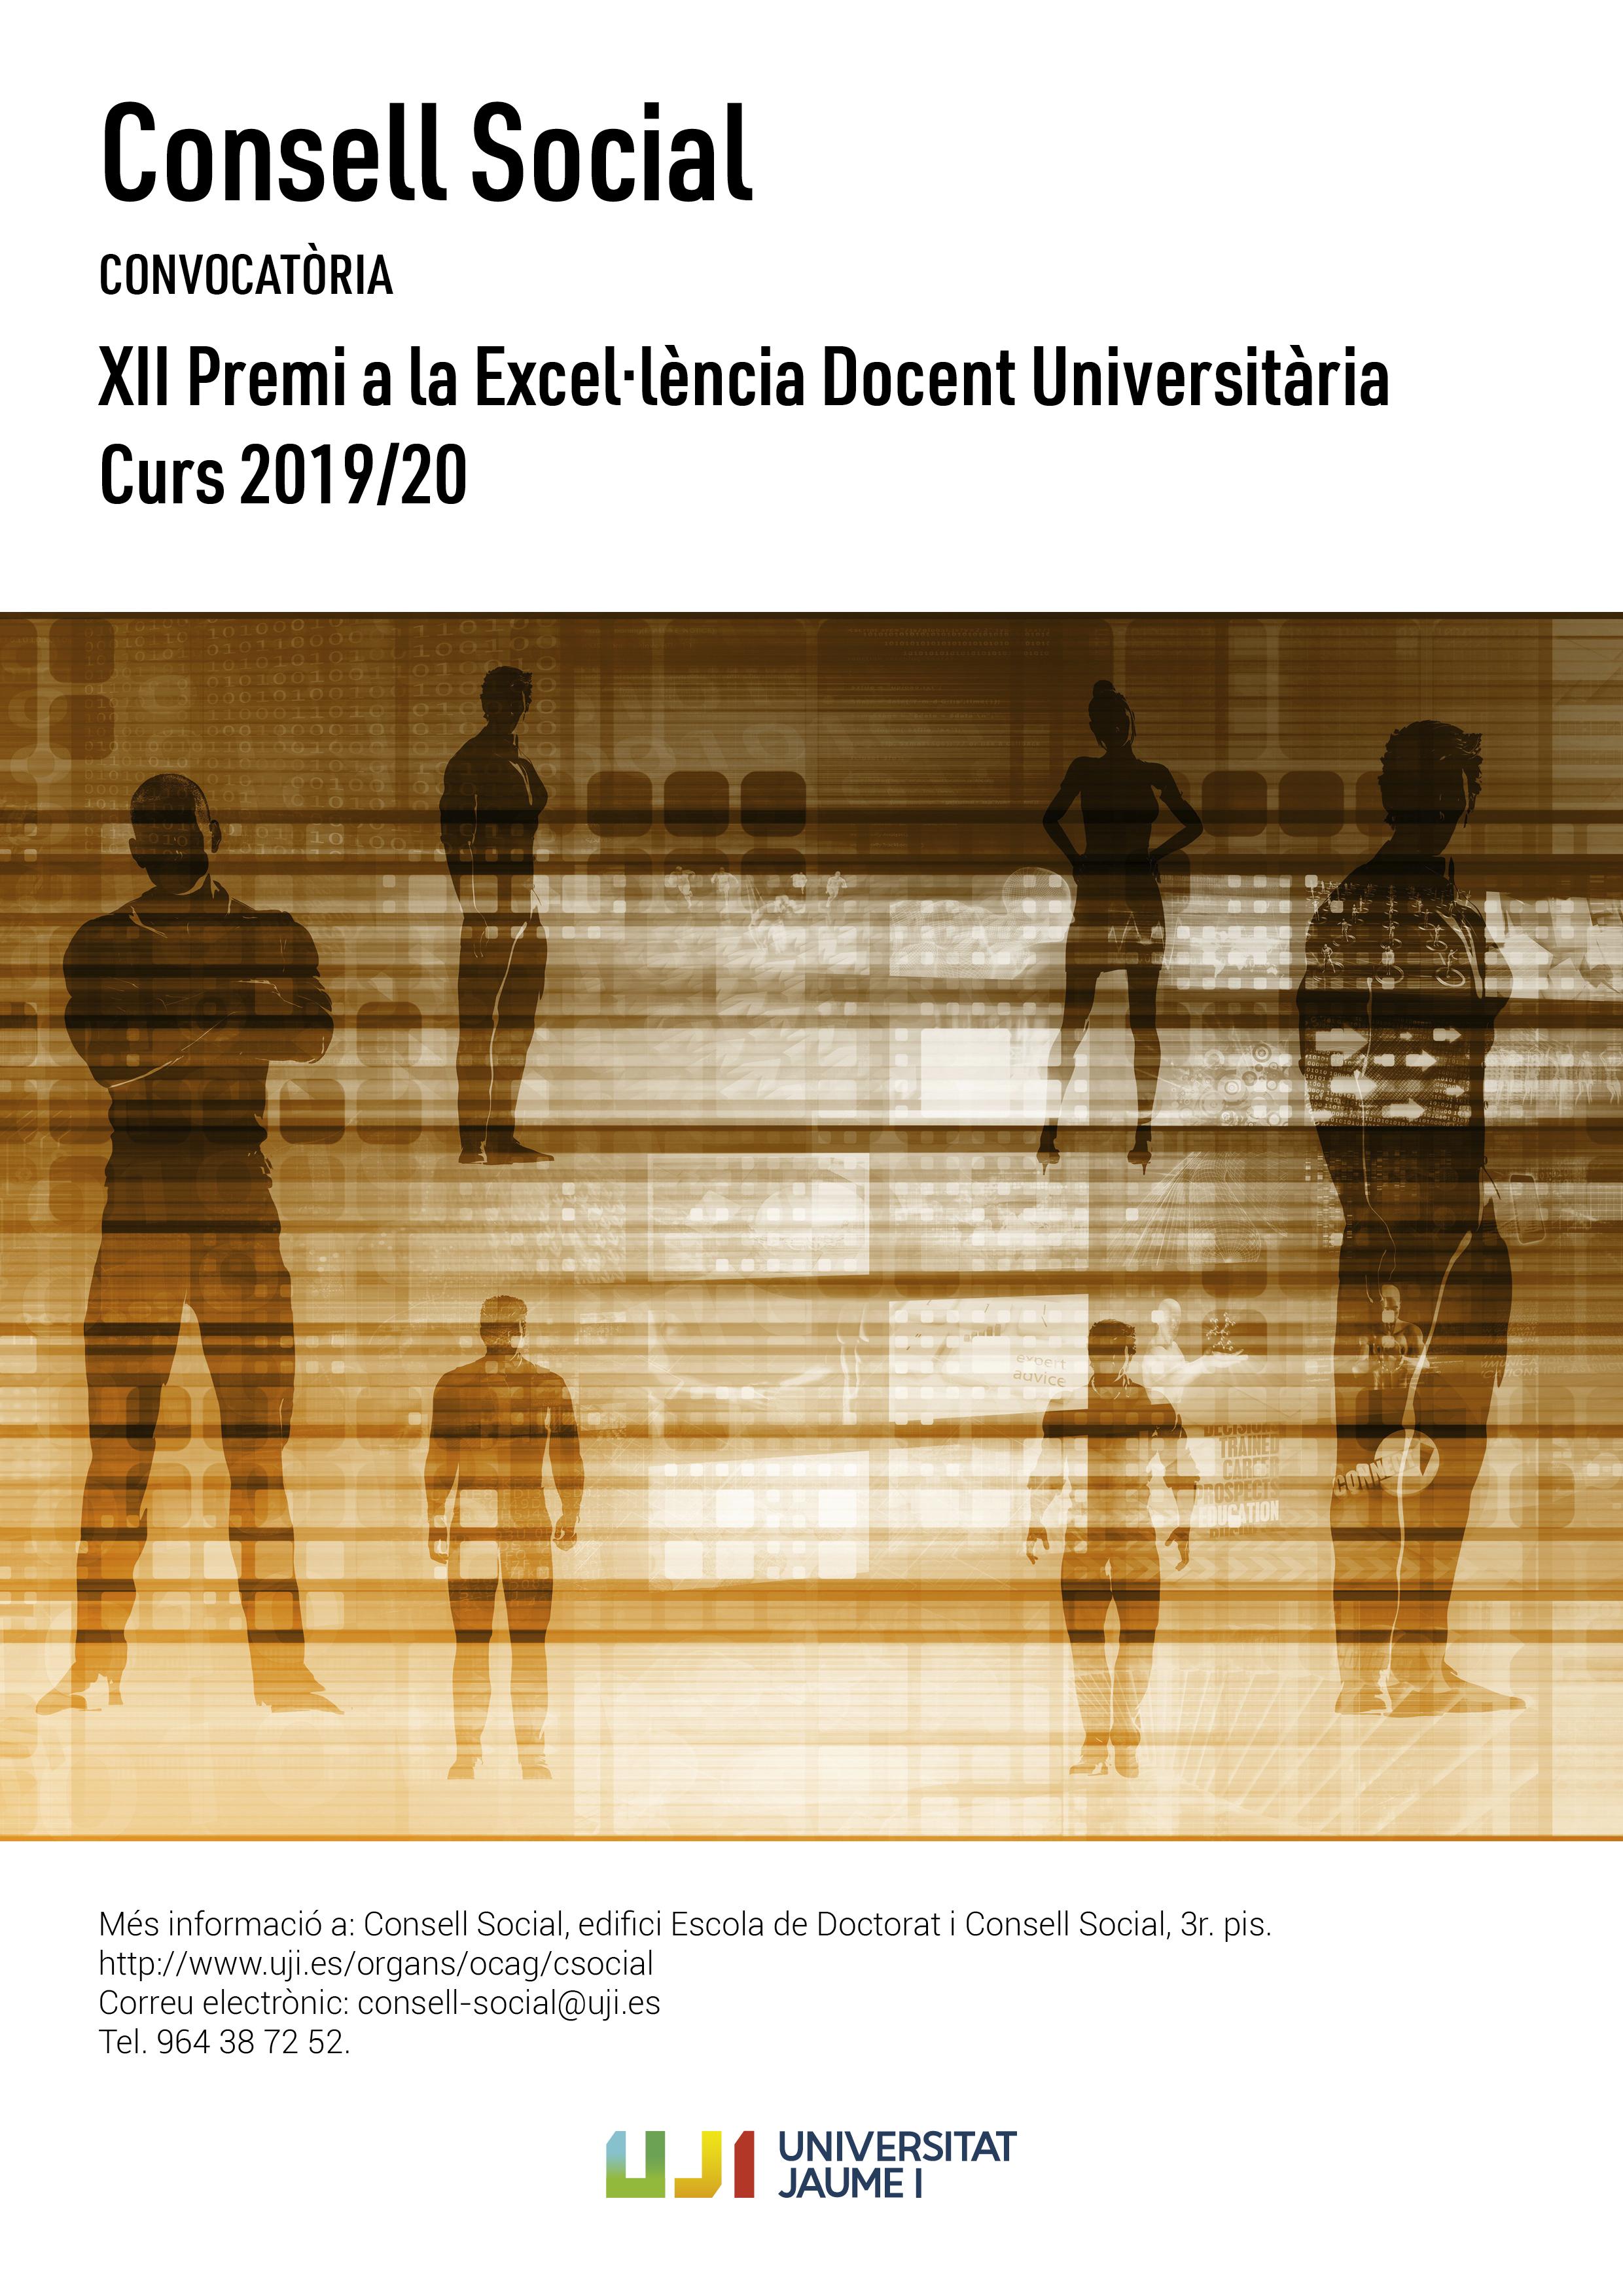 Cartell del XII Premi del Consell Social a l'Excel·lència Docent Universitària 2020